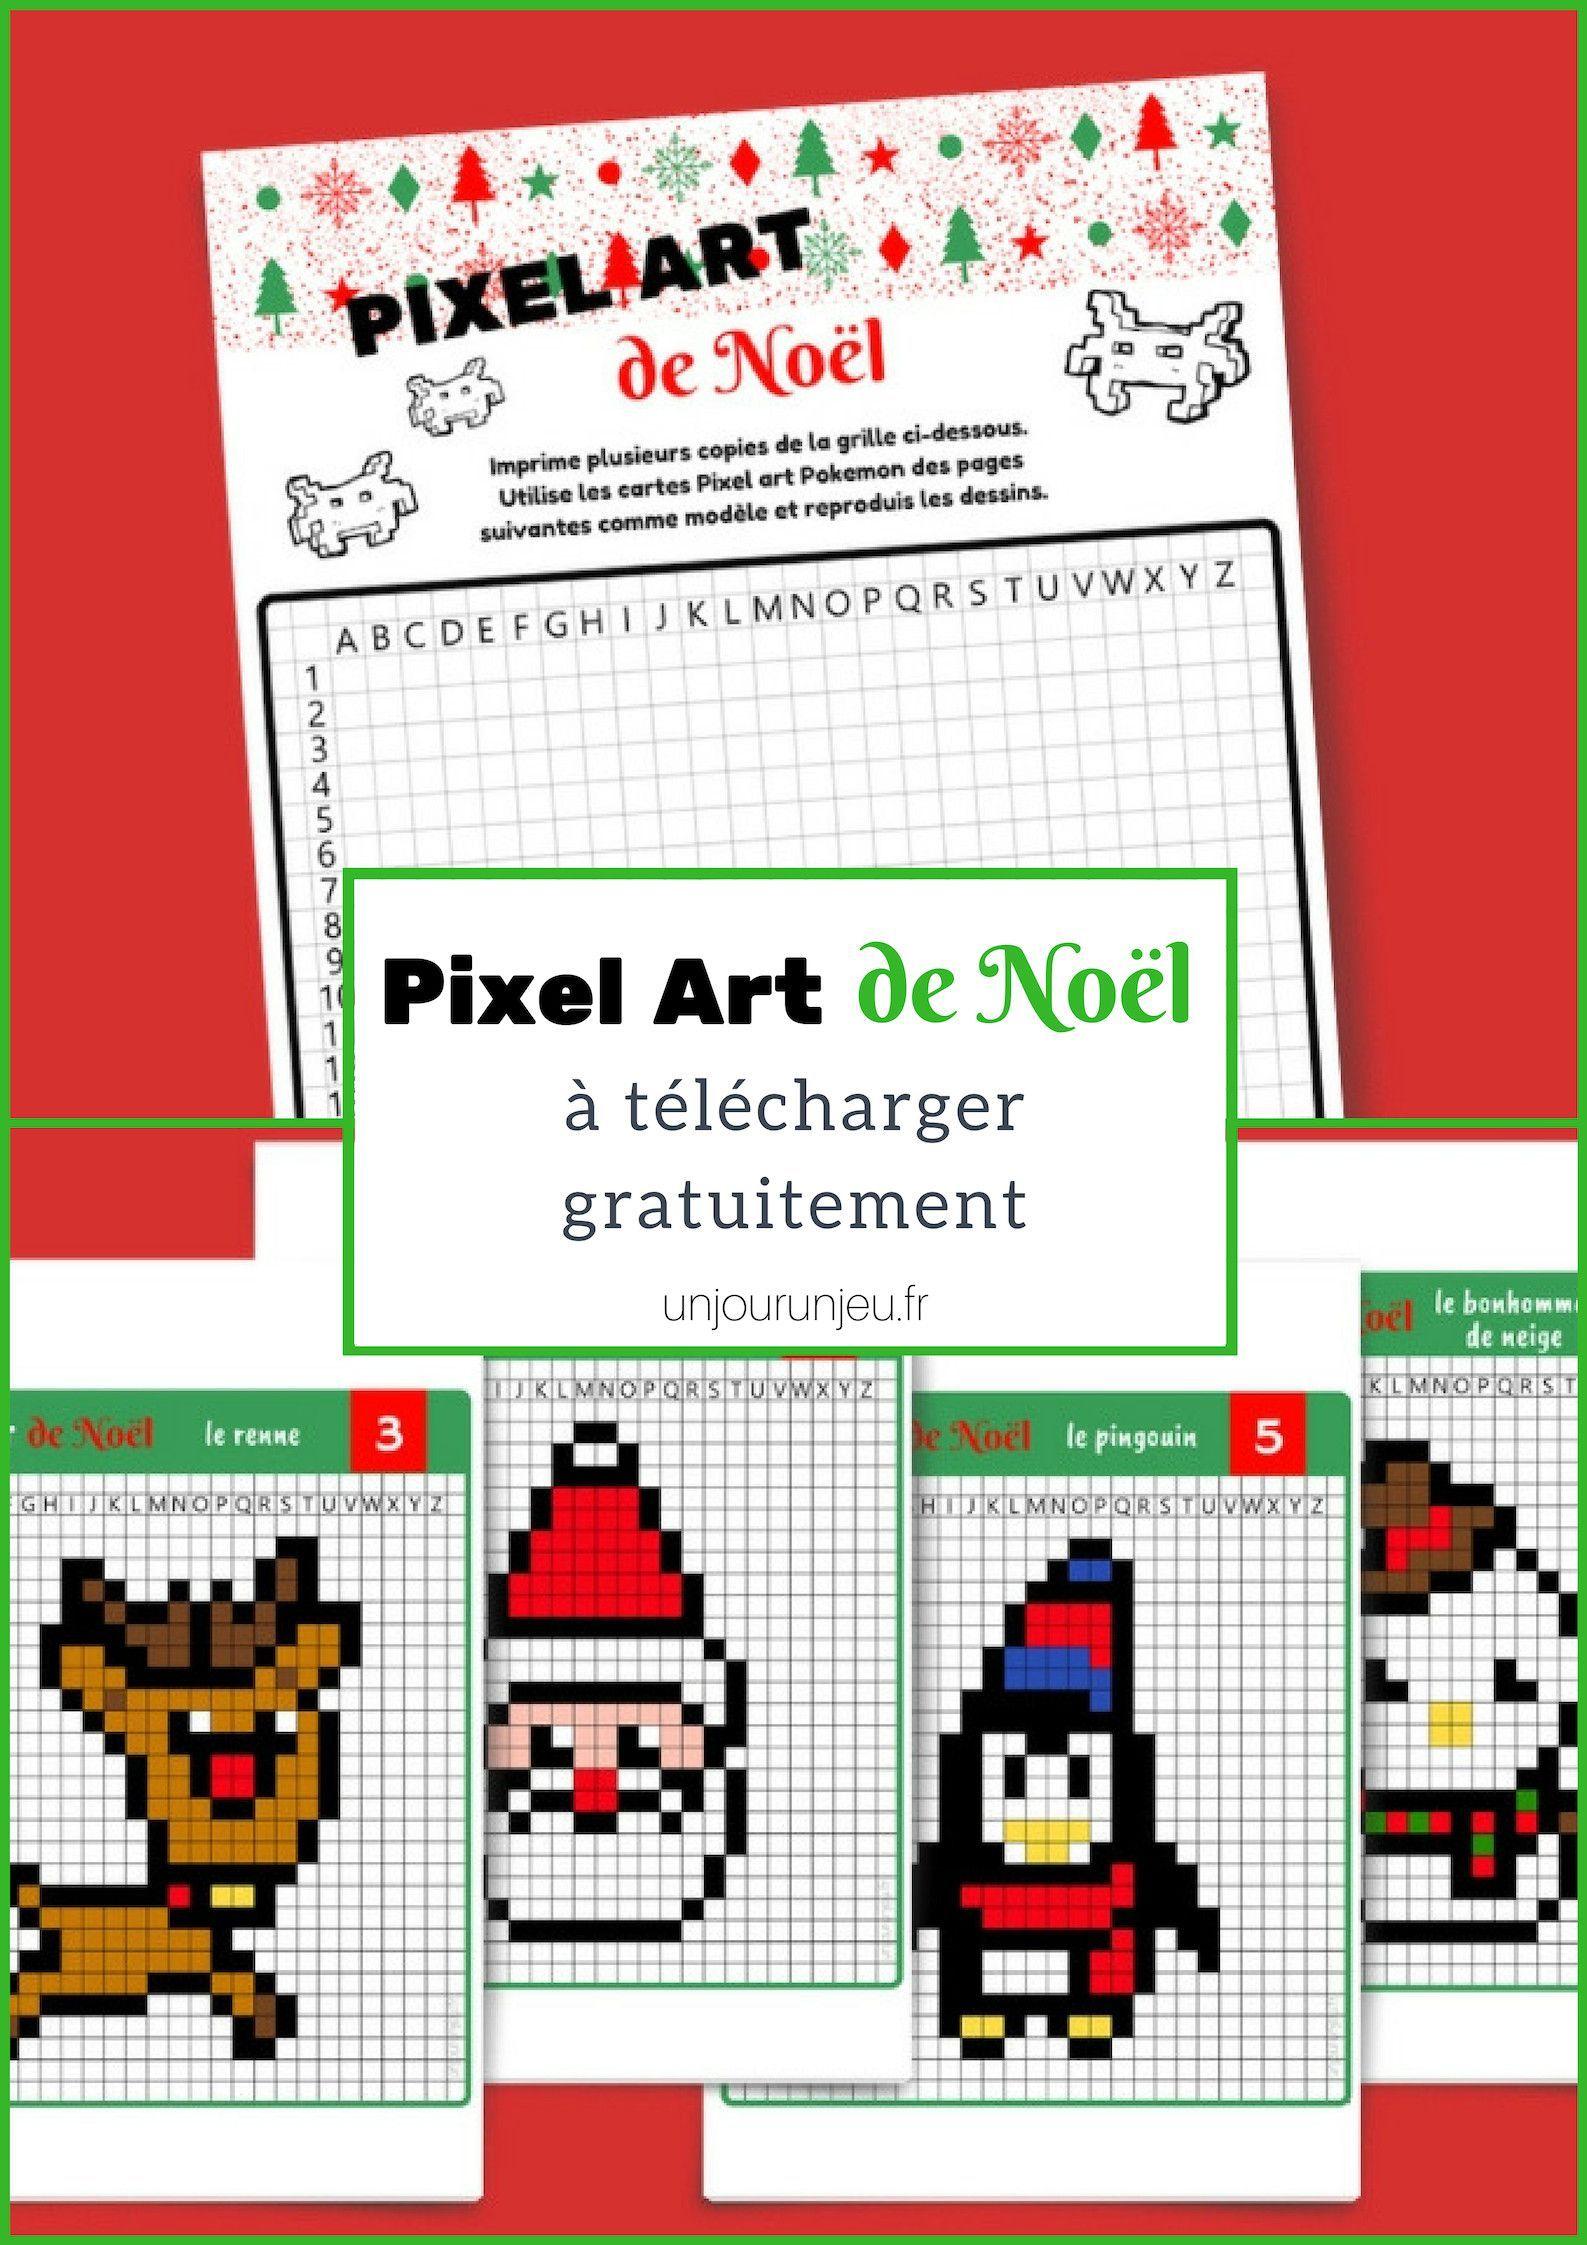 Coloriage Pixel Artwork A Imprimer Coloriage Pixel Artwork A tout Pixel Art Pere Noel